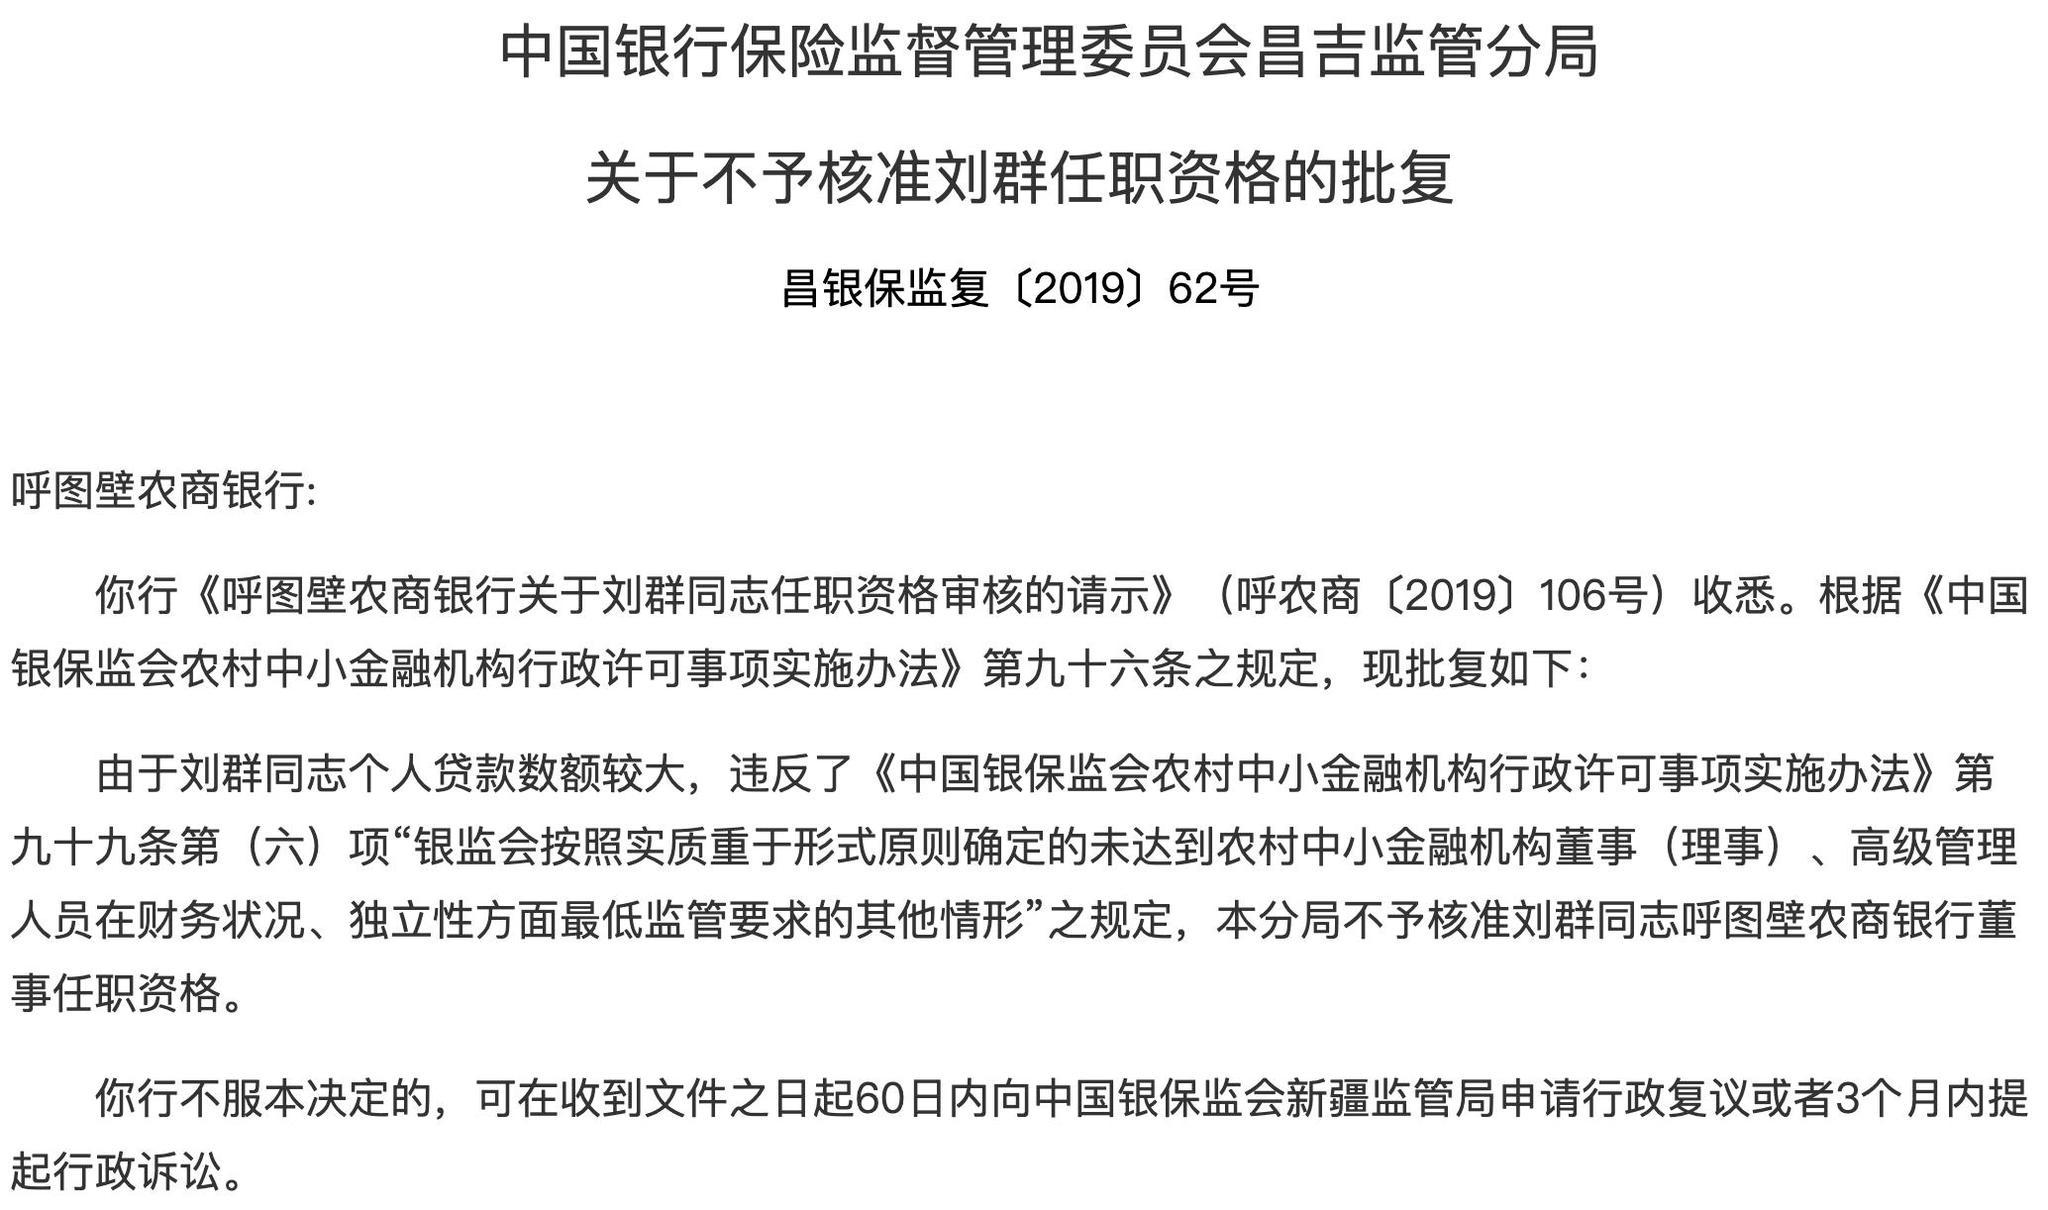 贷款过多影响仕途 新疆呼图壁农商银行董事刘群任职被否